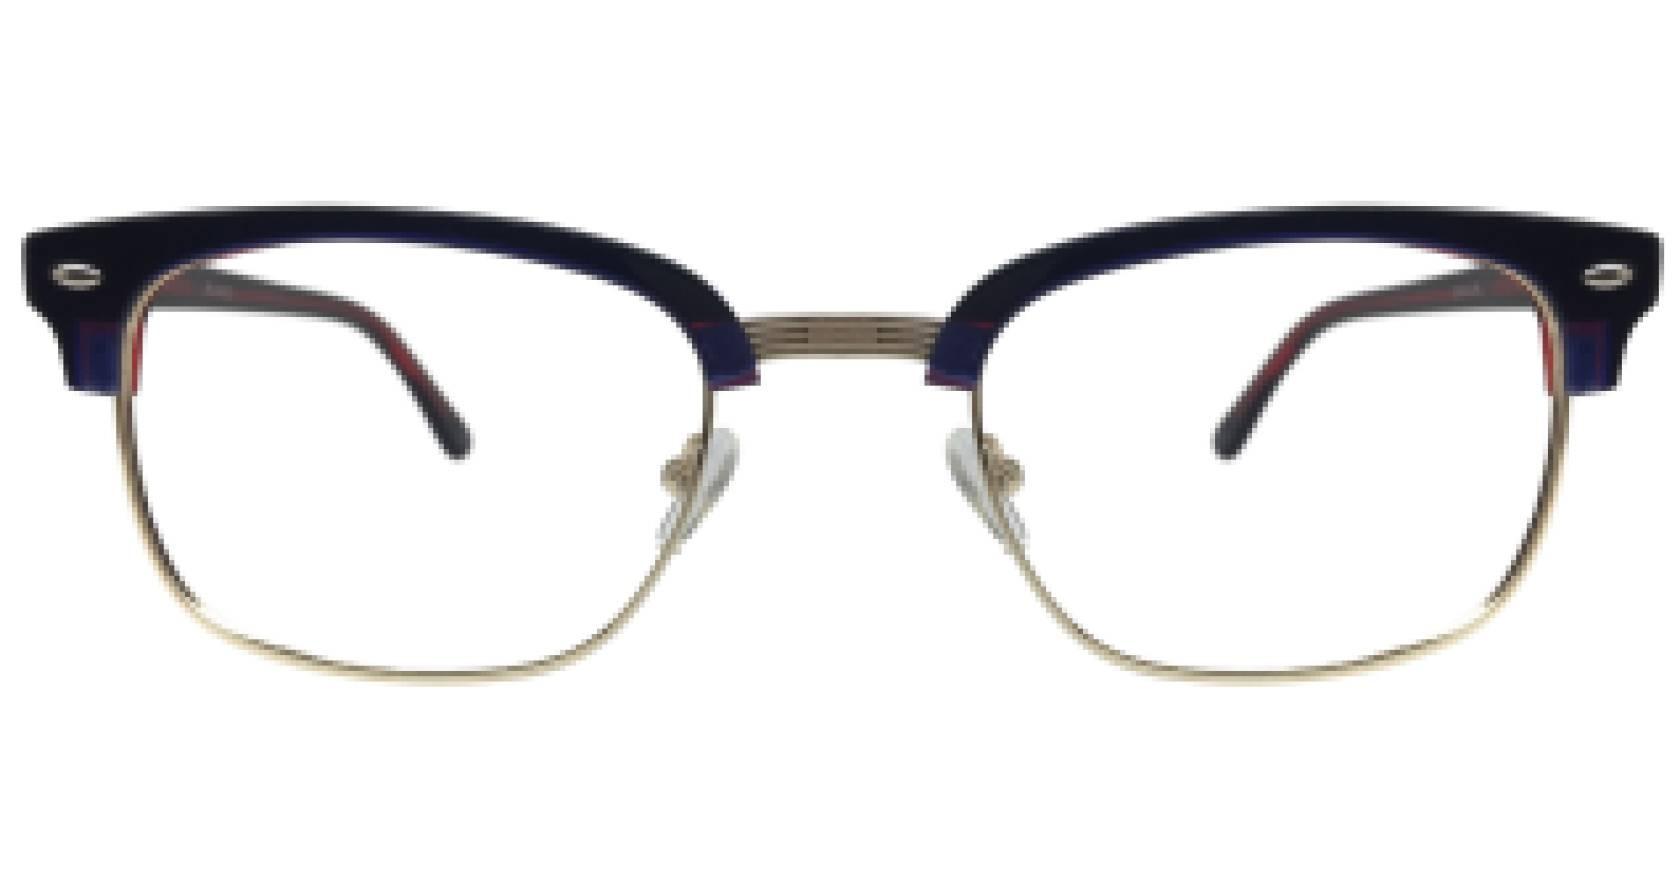 imagen miniatura frontal de la referencia 100954